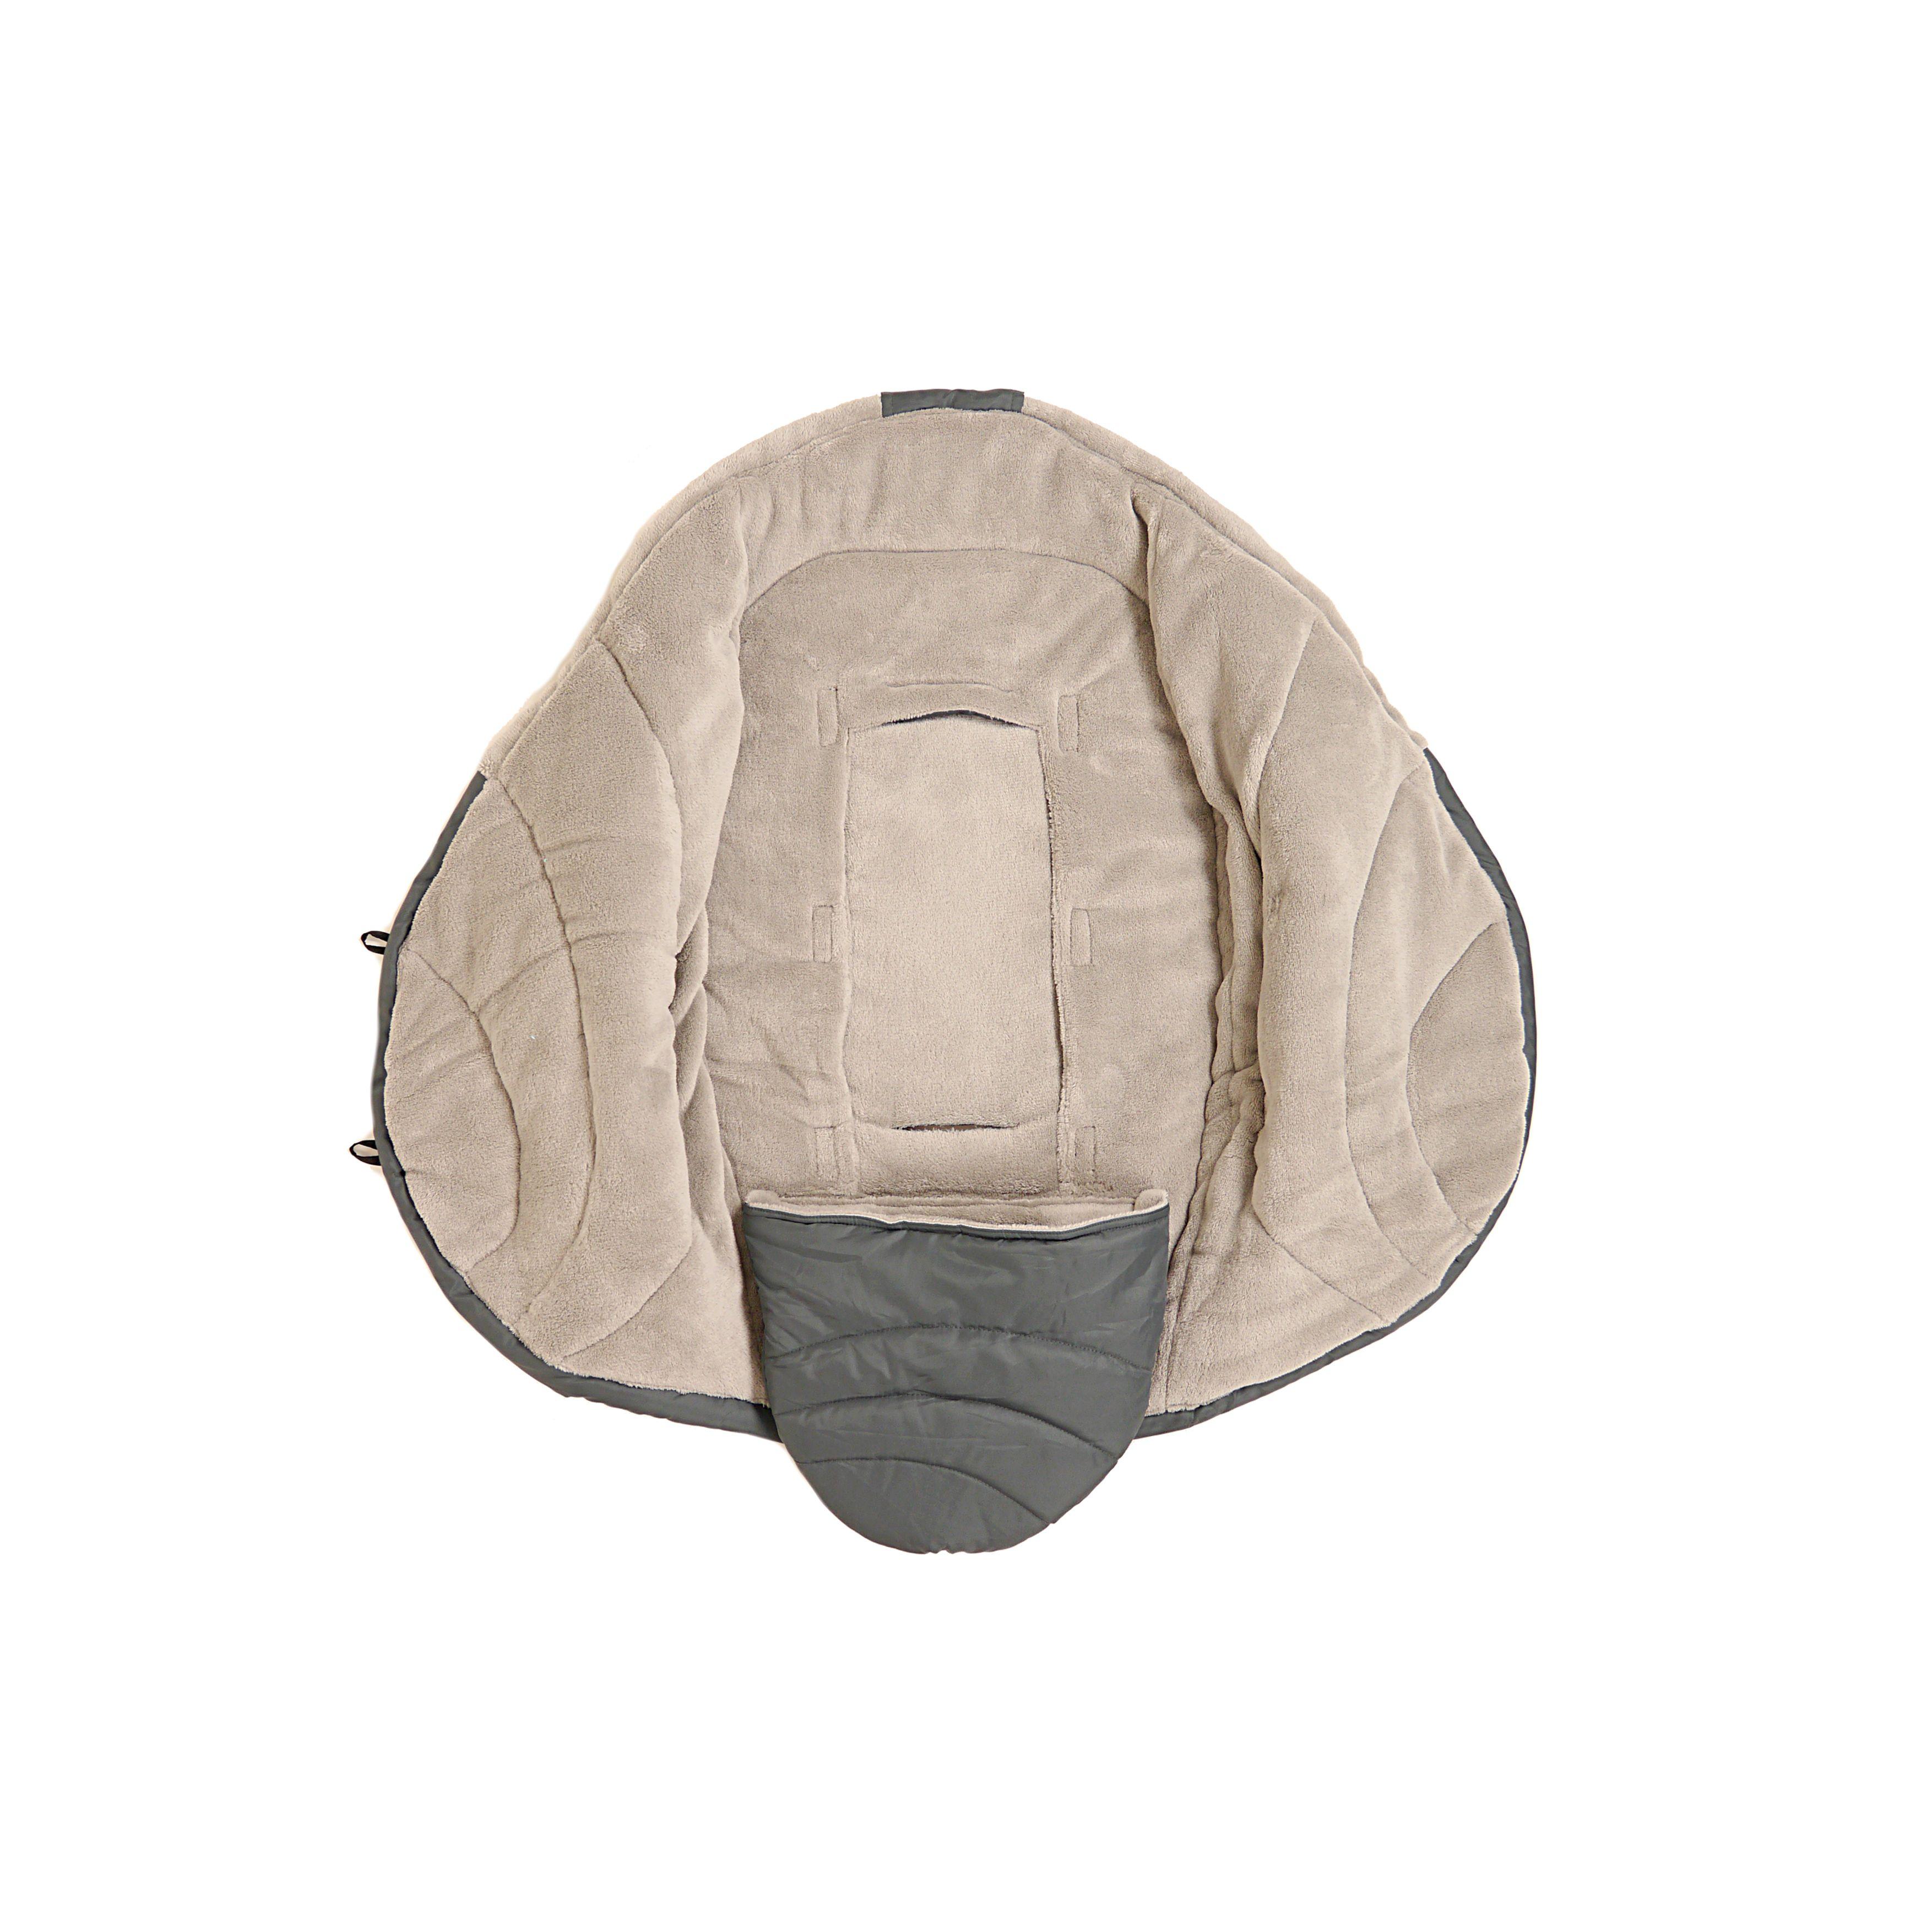 Peaux d'agneau KAISER - CHANCELIERE COO COON - Couverture enveloppante intérieur POLAIRE